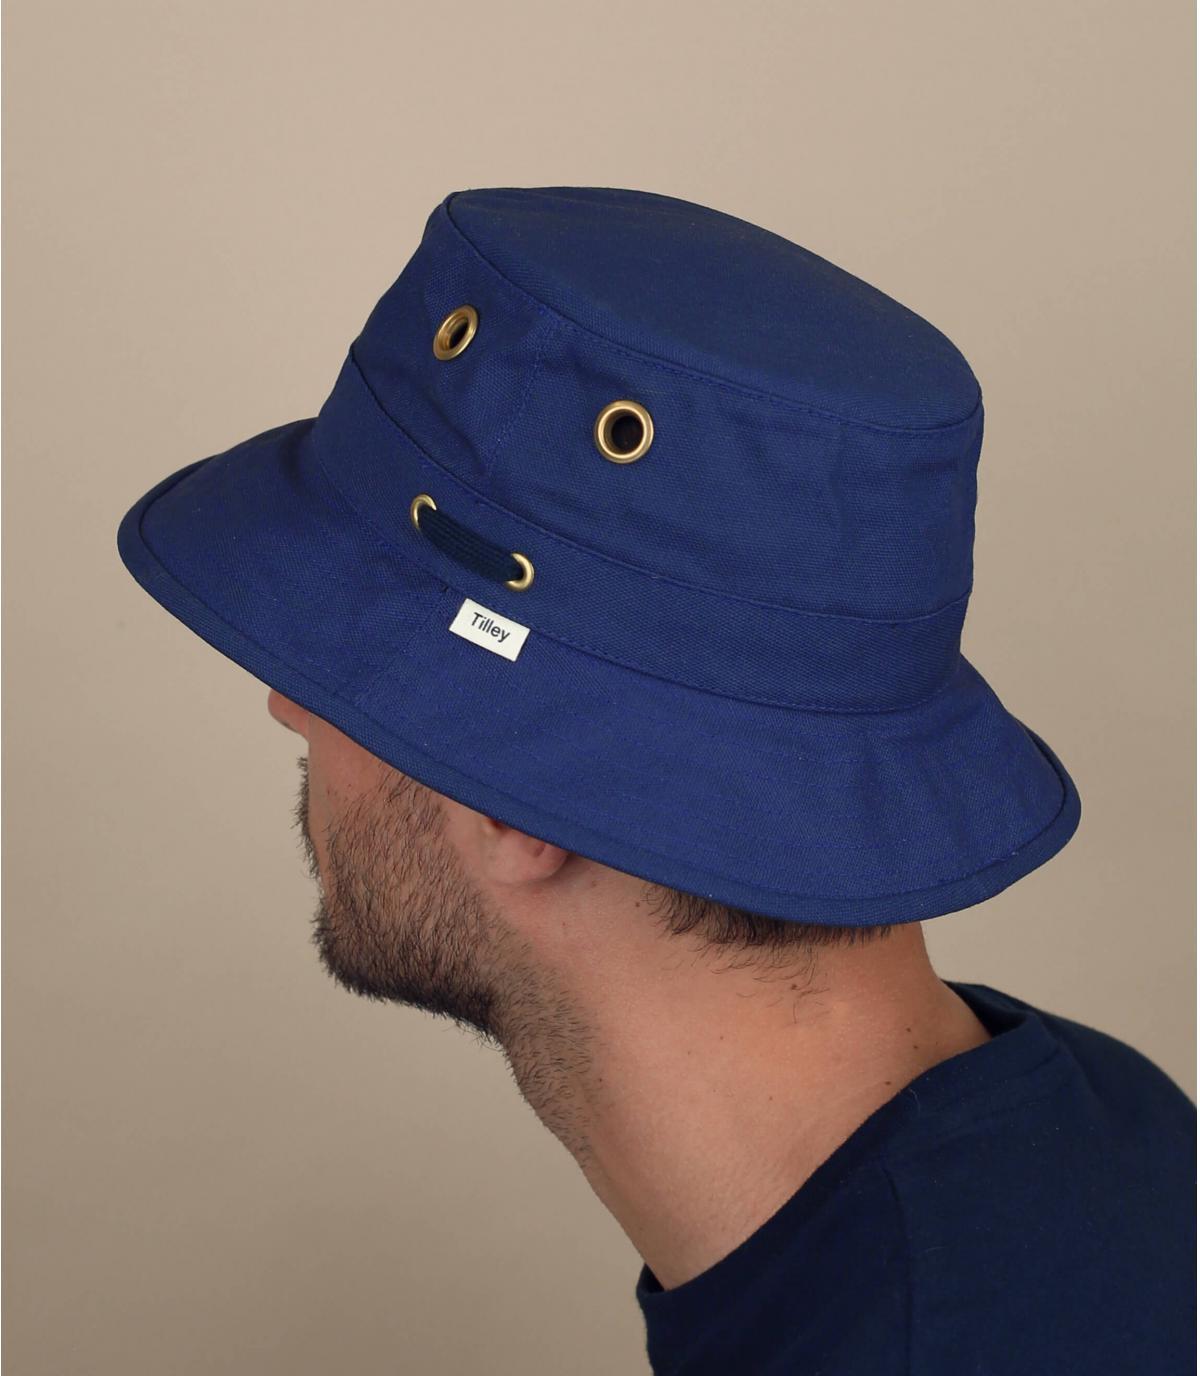 bob TilleyT1 bleu marine